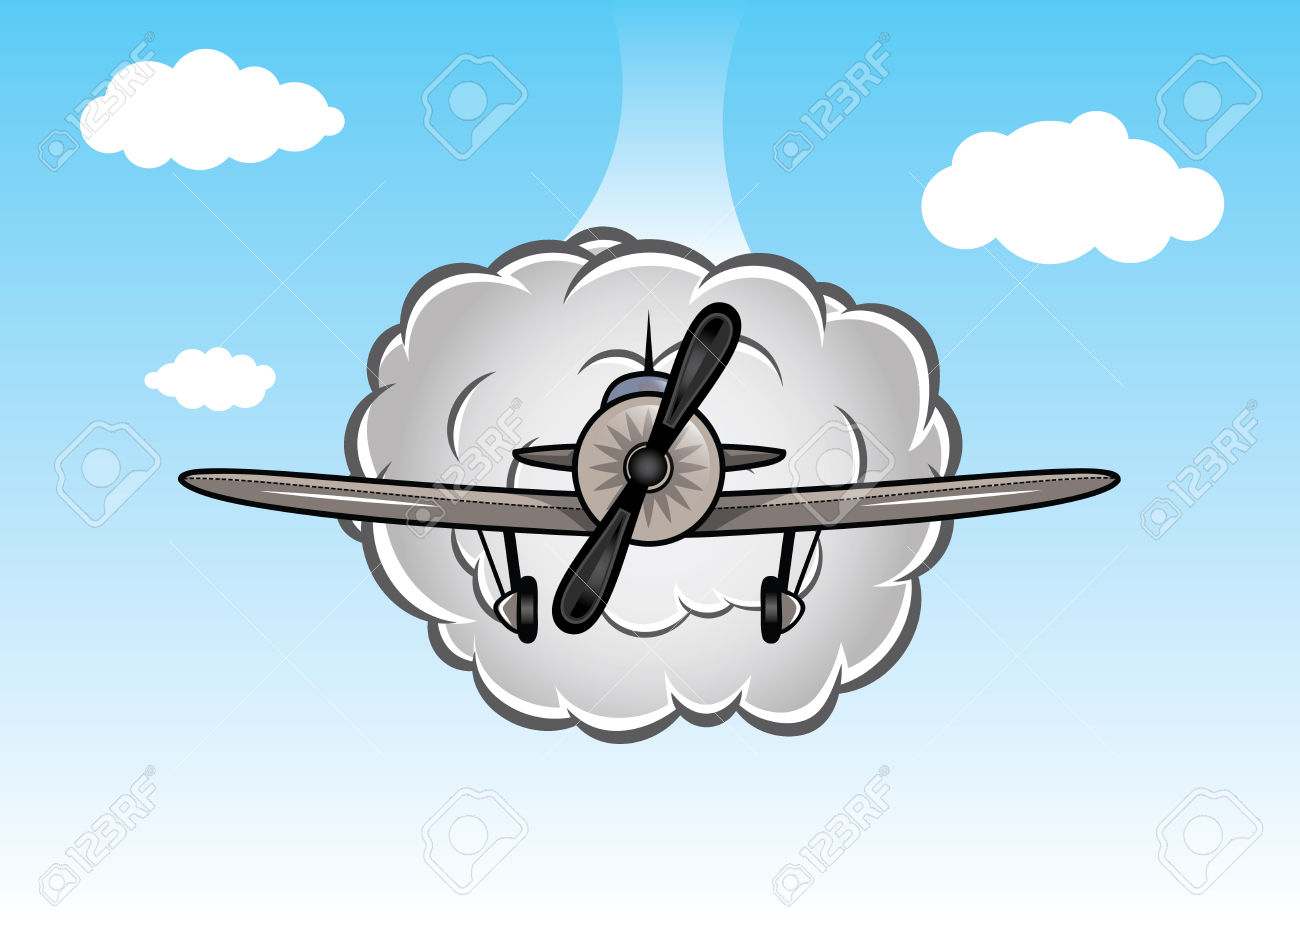 Le ciel clipart jpg transparent stock Cartoon Biplan Sur Le Ciel Avec Des Nuages Clip Art Libres De ... jpg transparent stock